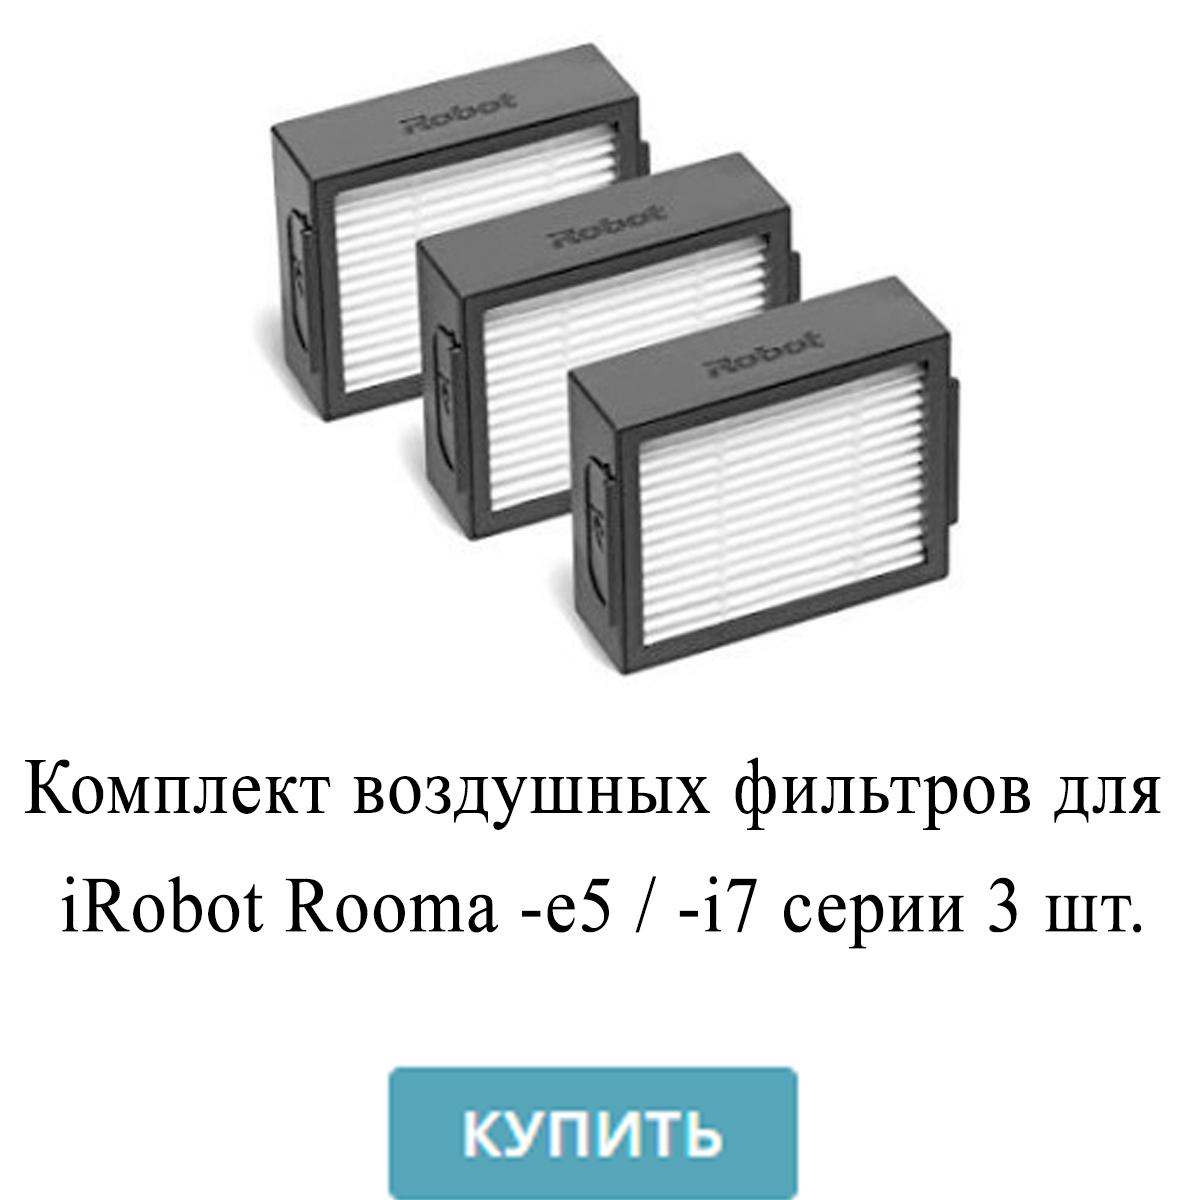 Комплект воздушных фильтров для iRobot Roomba -e5 / -i7 серии 3 шт.